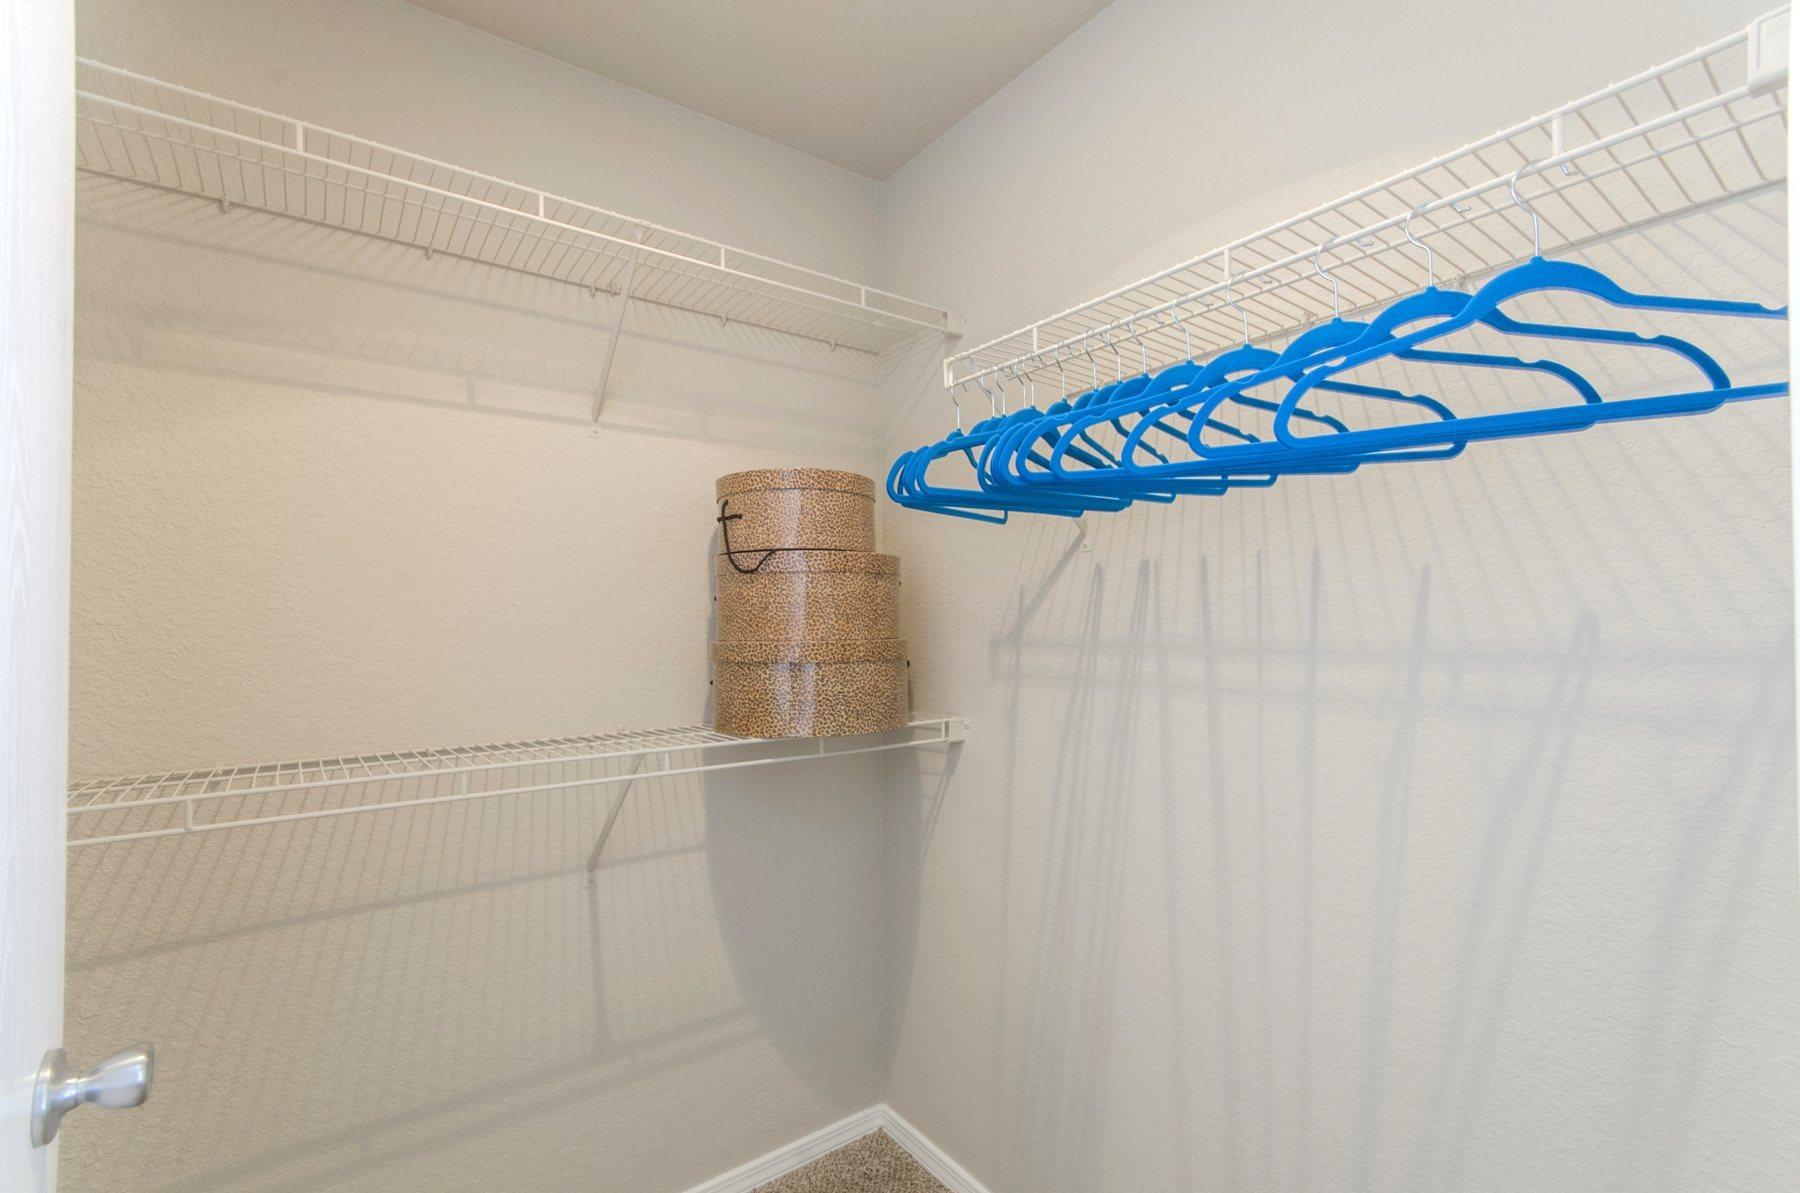 Timber Links at Denton Luxury Apartment Homes, Denton Texas